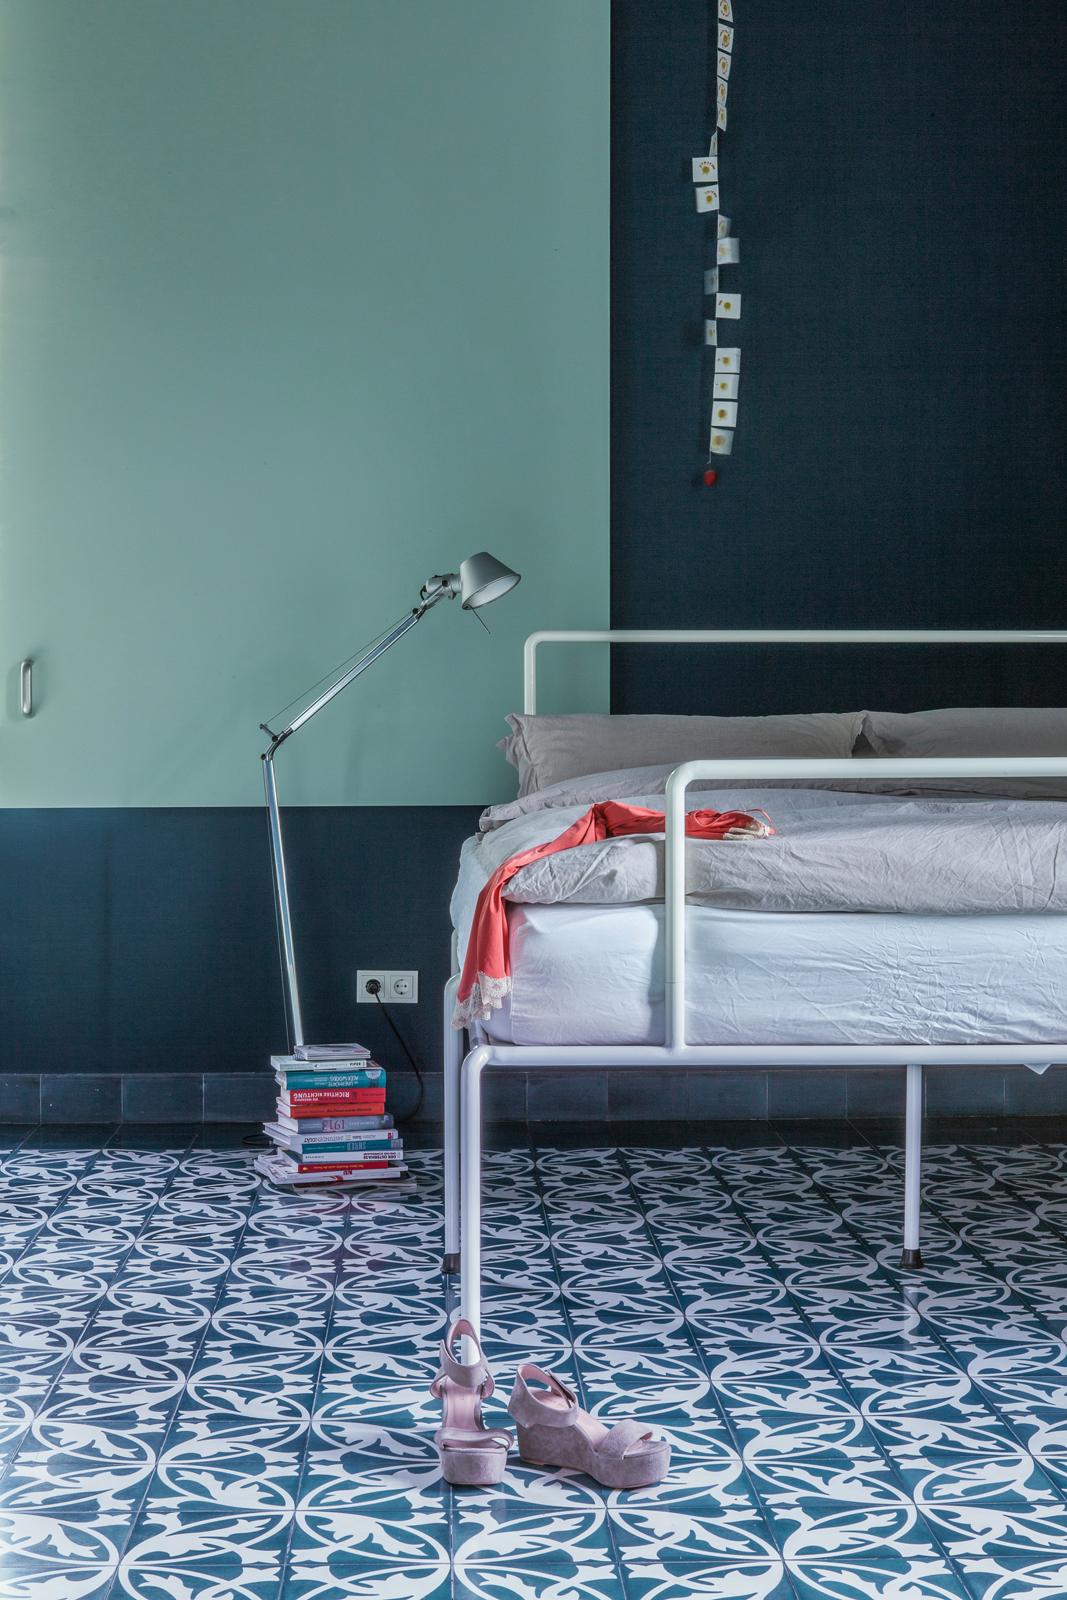 zementfliesen-terrazzofliesen-kreidefarbe-nordmeer-terrazzo-fugenlos-viaplatten-schlafzimmer | Kreidefarbe Nordmeer 60 ml